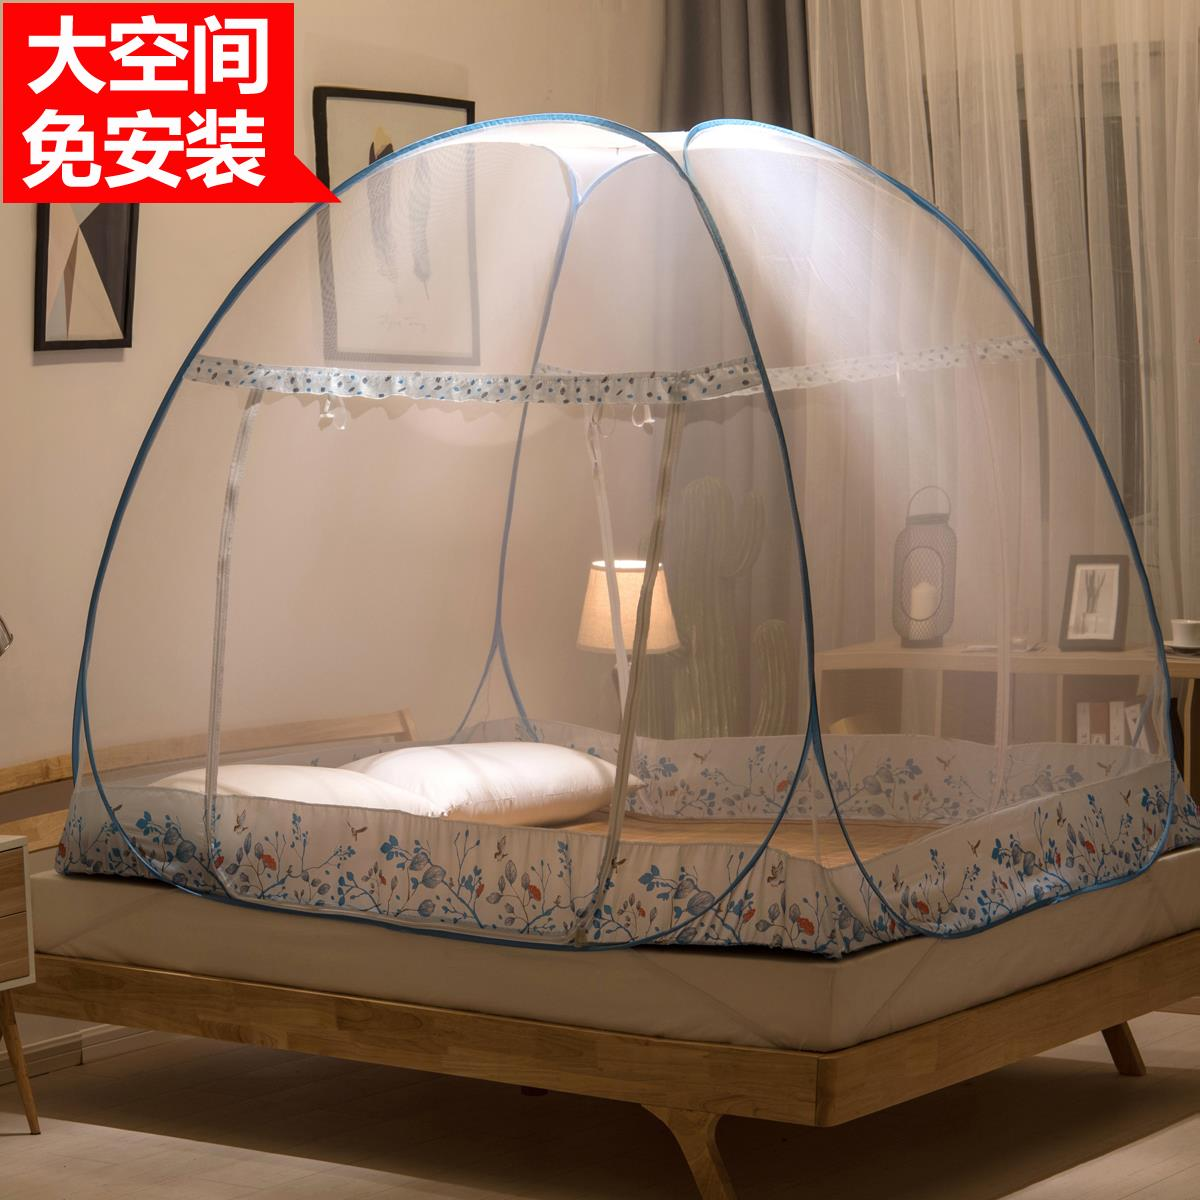 免安装蒙古包蚊帐三开门拉链大空间1.8m床/1.5米双人家用加厚加密